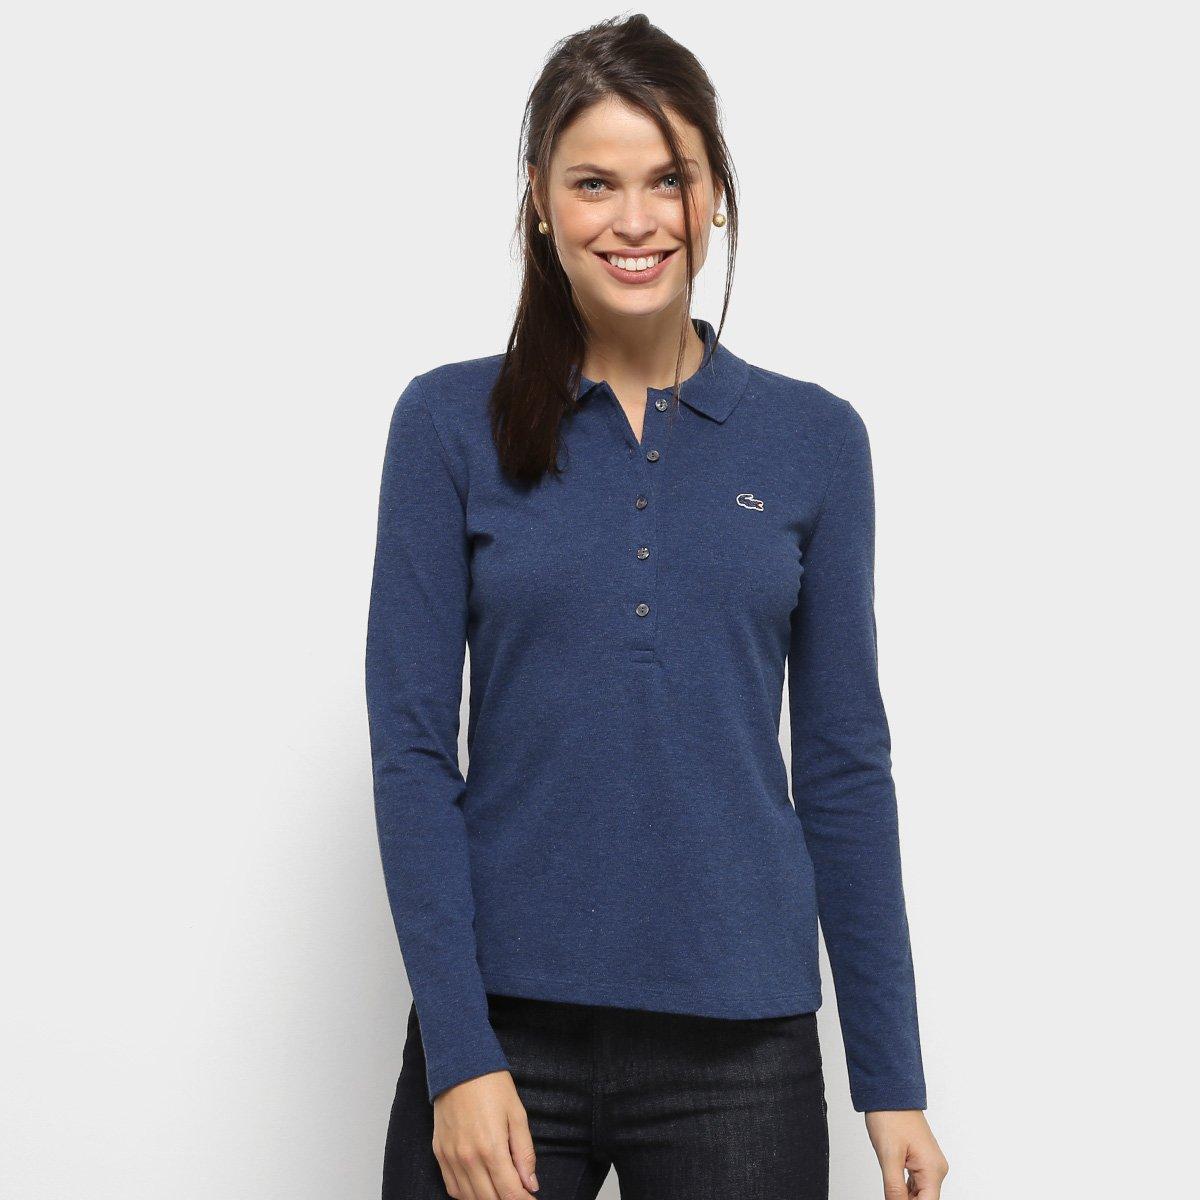 e7c5c222c9cc6 Camisa Polo Lacoste Manga Longa Botões Feminina - Compre Agora ...